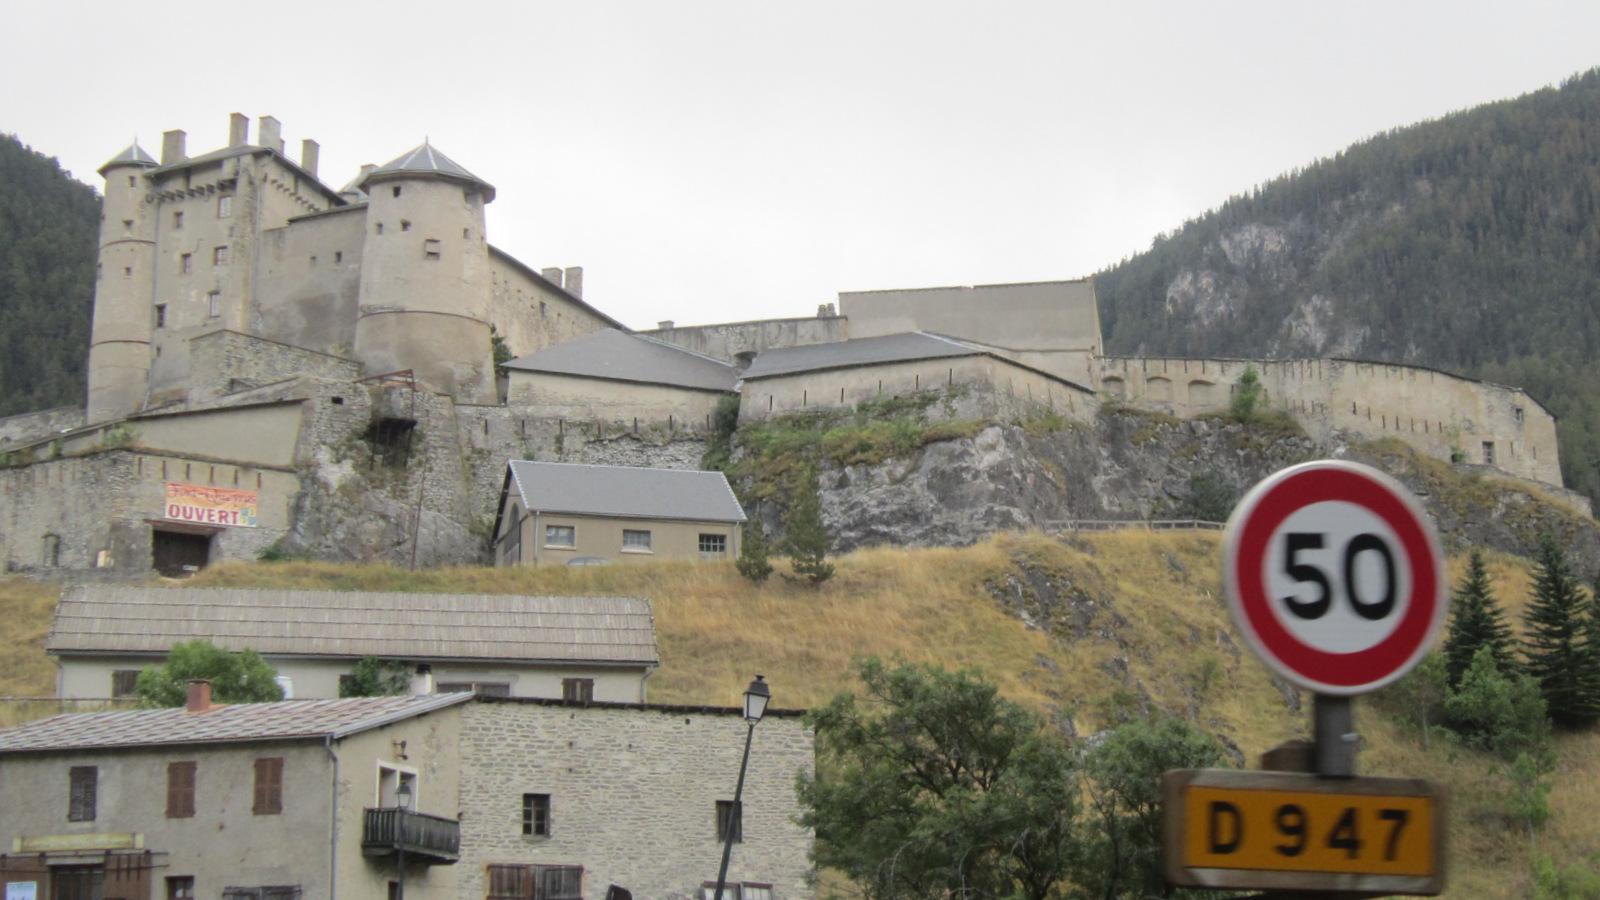 arrivée à Château-Queyras